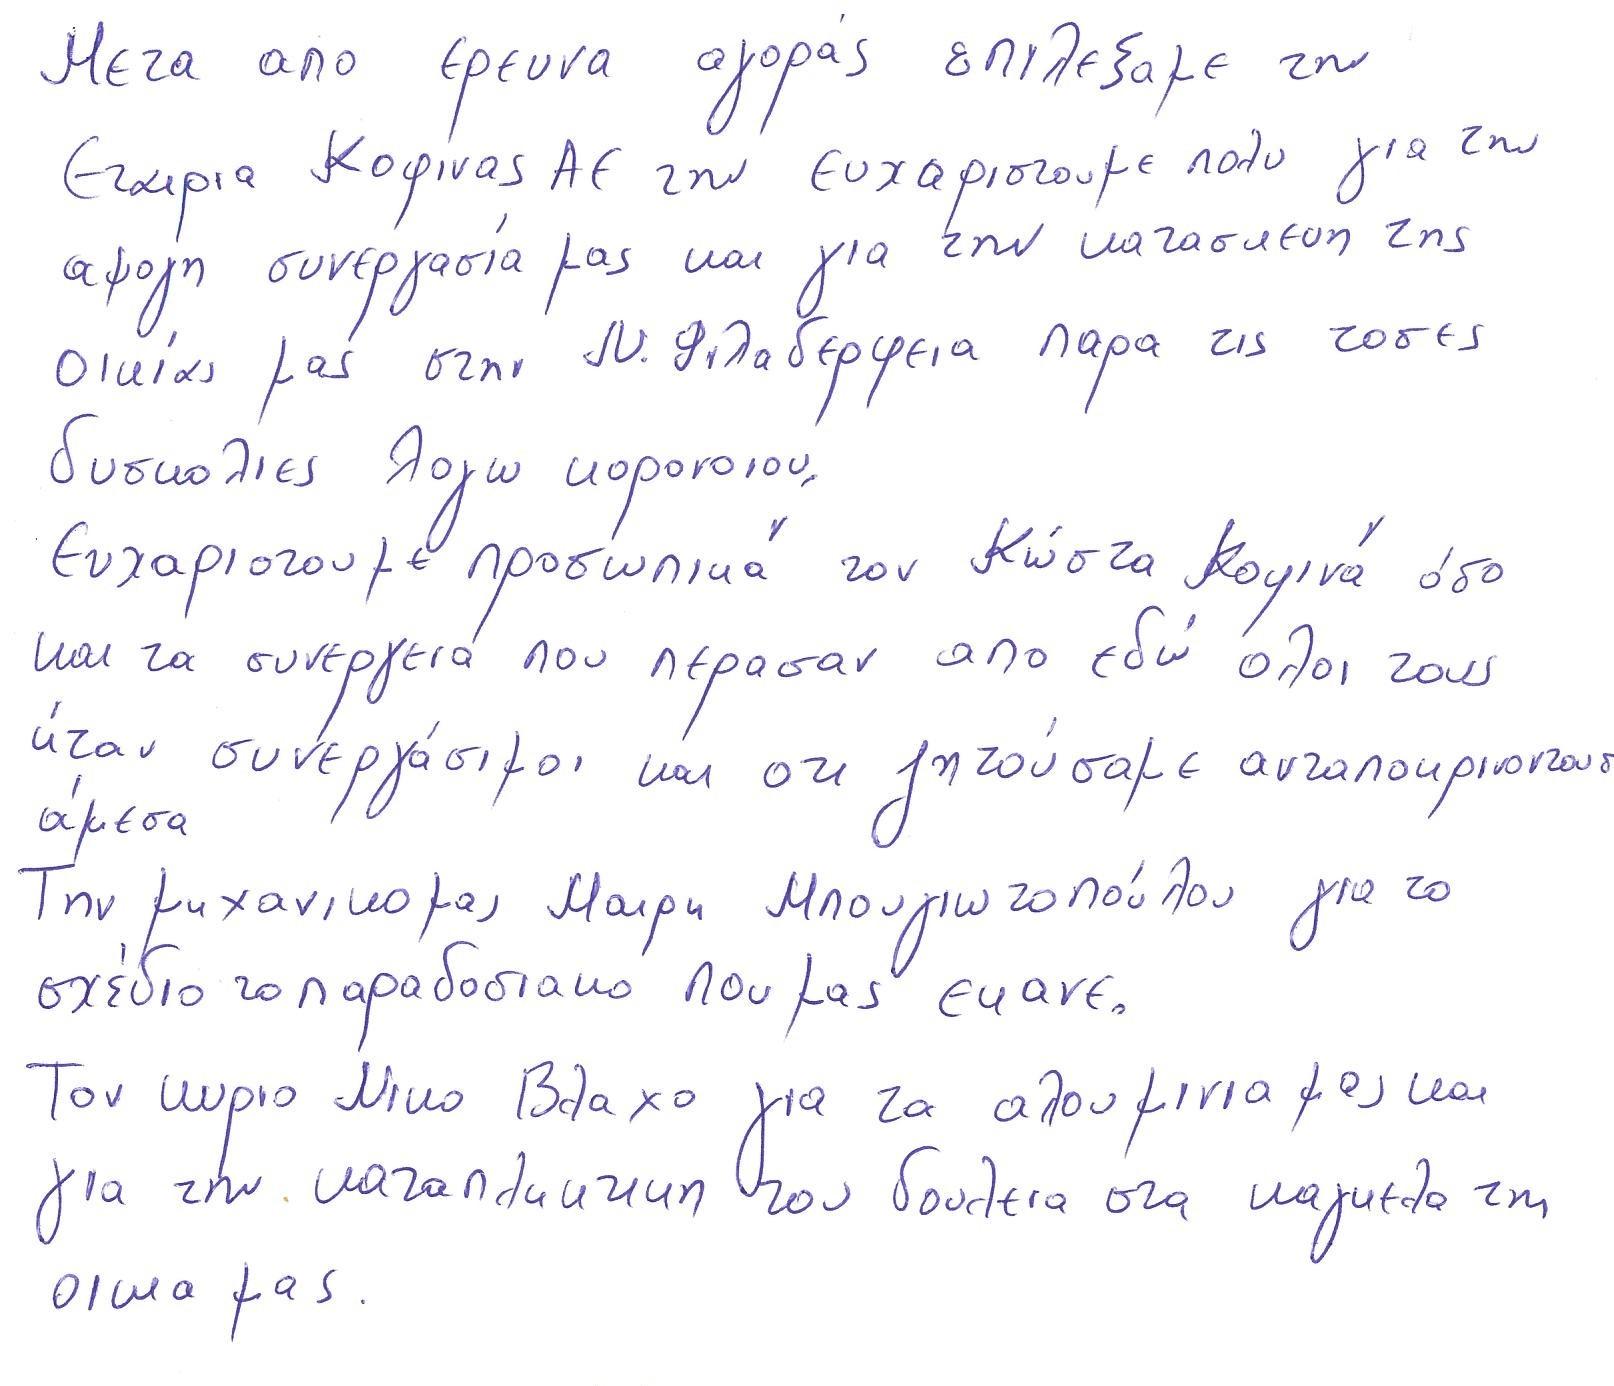 Prokataskeuasmena spitia KOFINAS SA, Energeiaki apodosi, antiseismika, xamili katanalwsi, villa,oikologiki katoikia